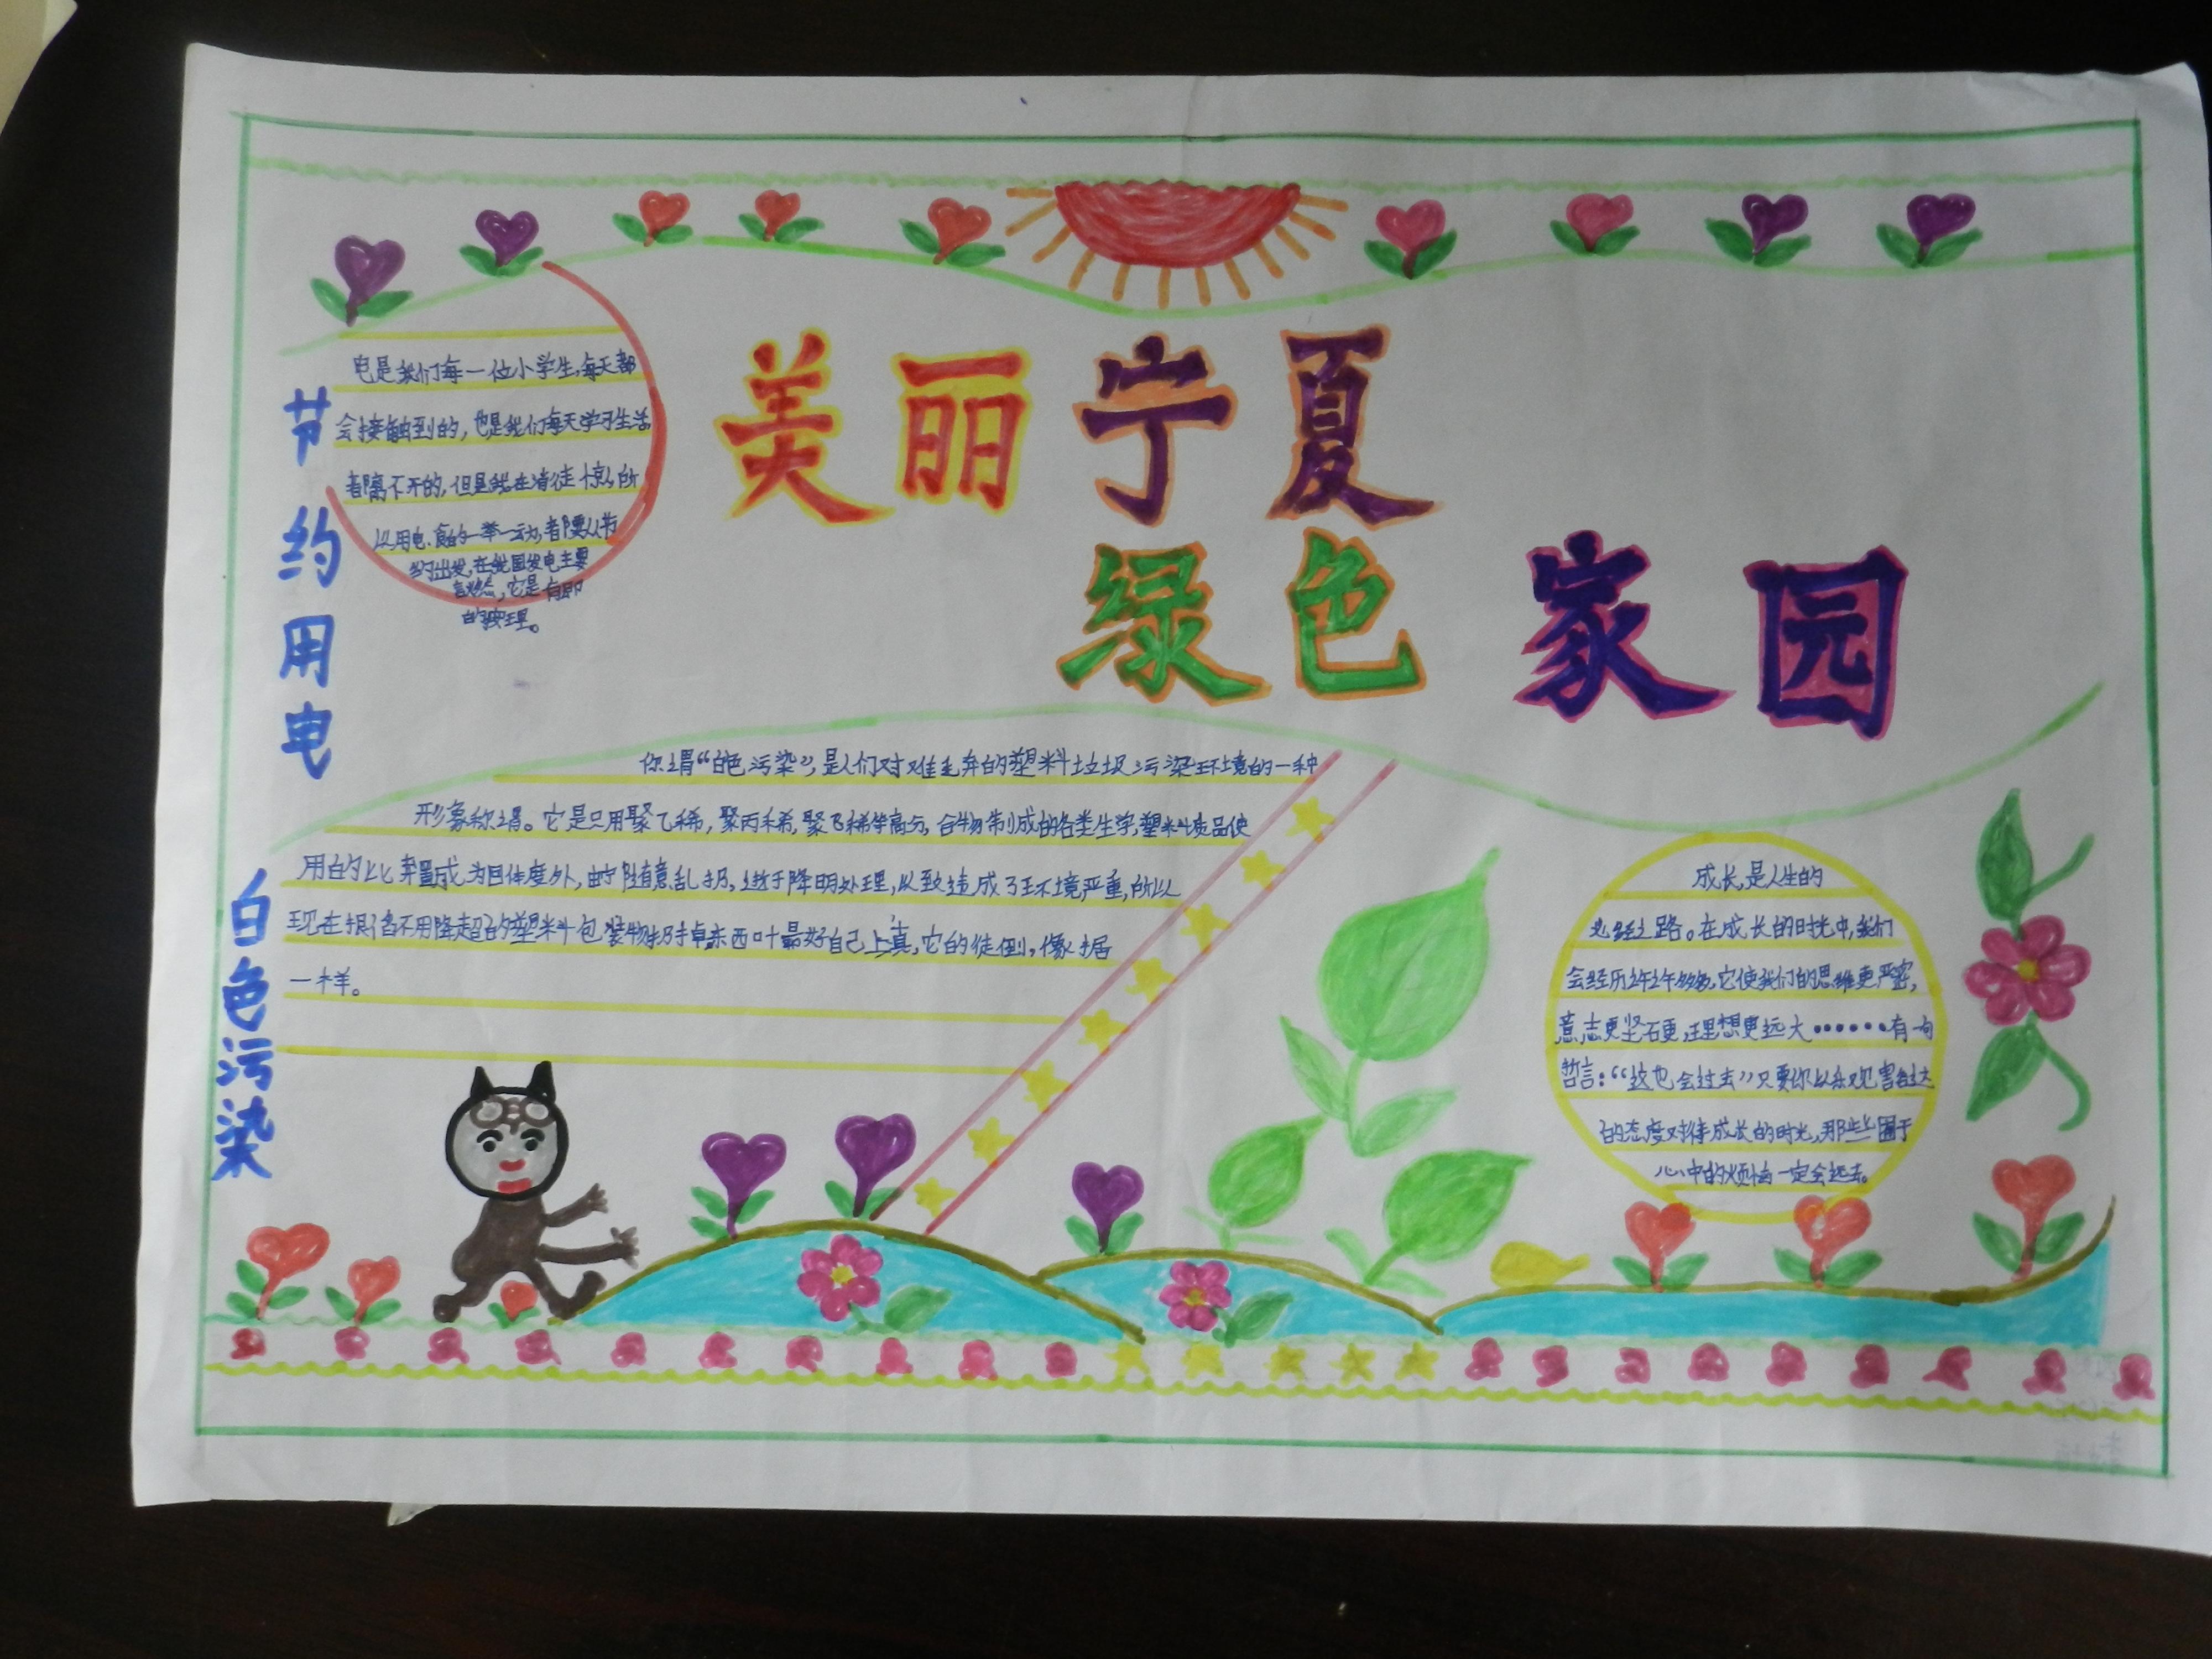 原州区西关小学学生书画作品